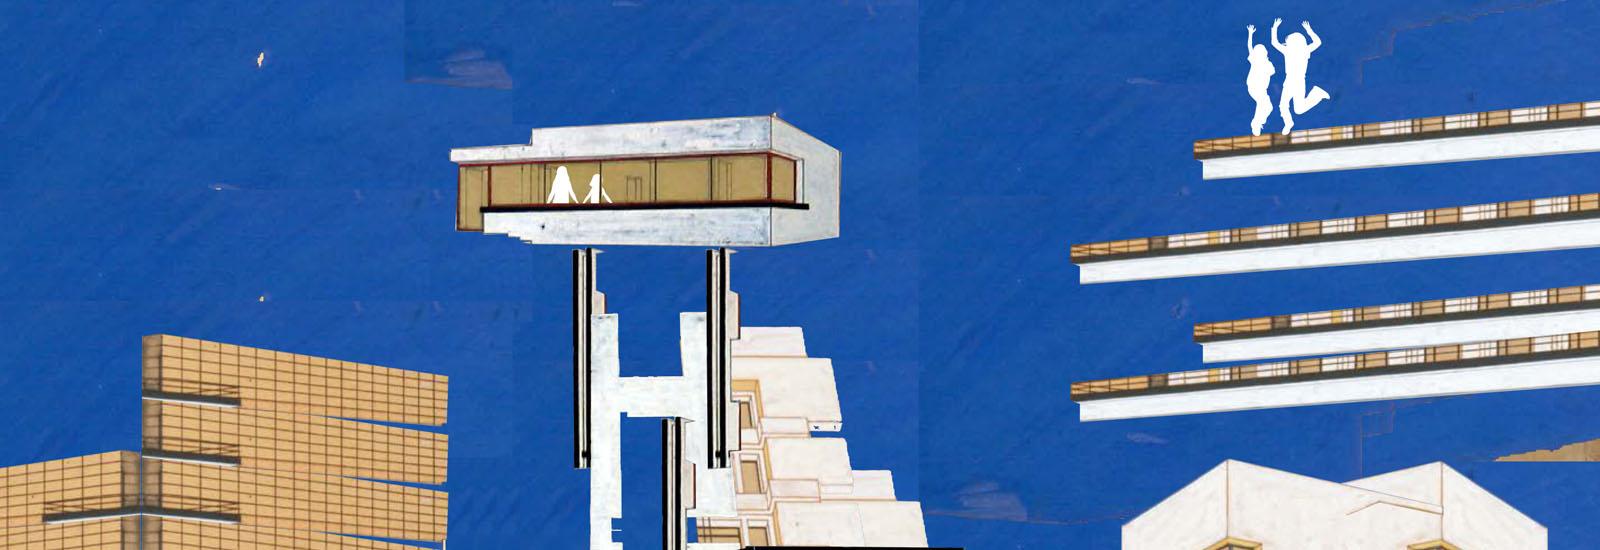 Baukasten Fieger – Interaktive Architekturen